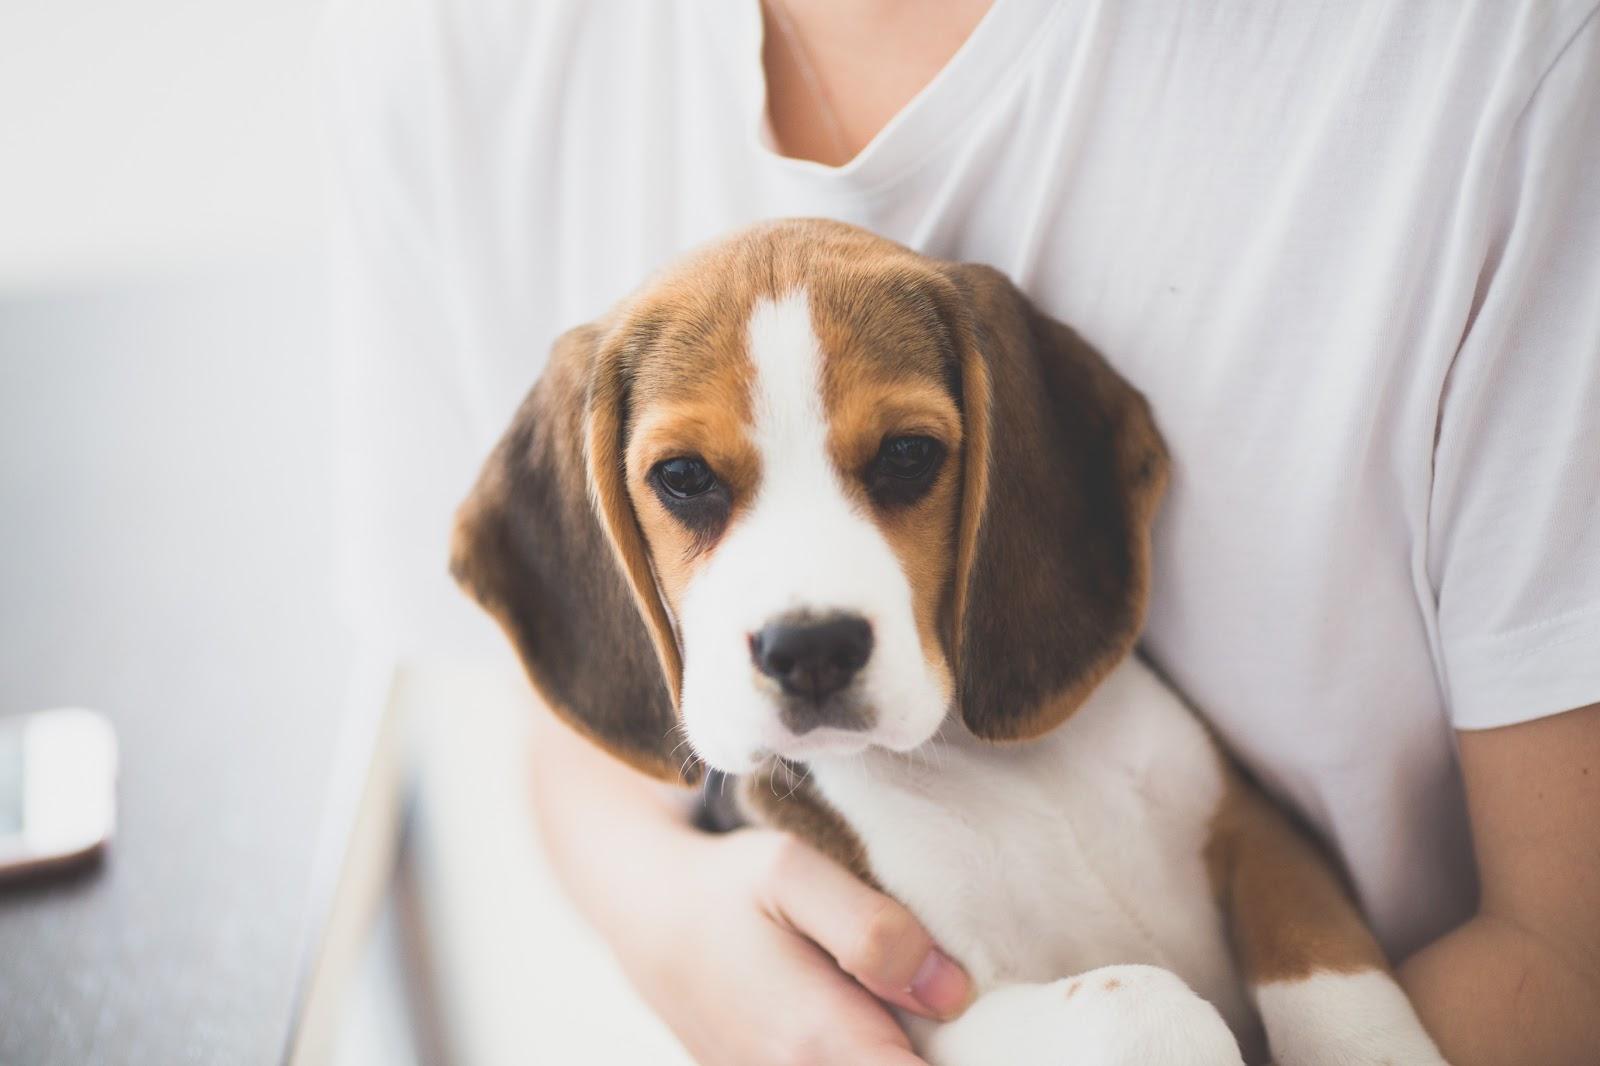 El cachorro beagle más lindo acunado en brazos de una mujer